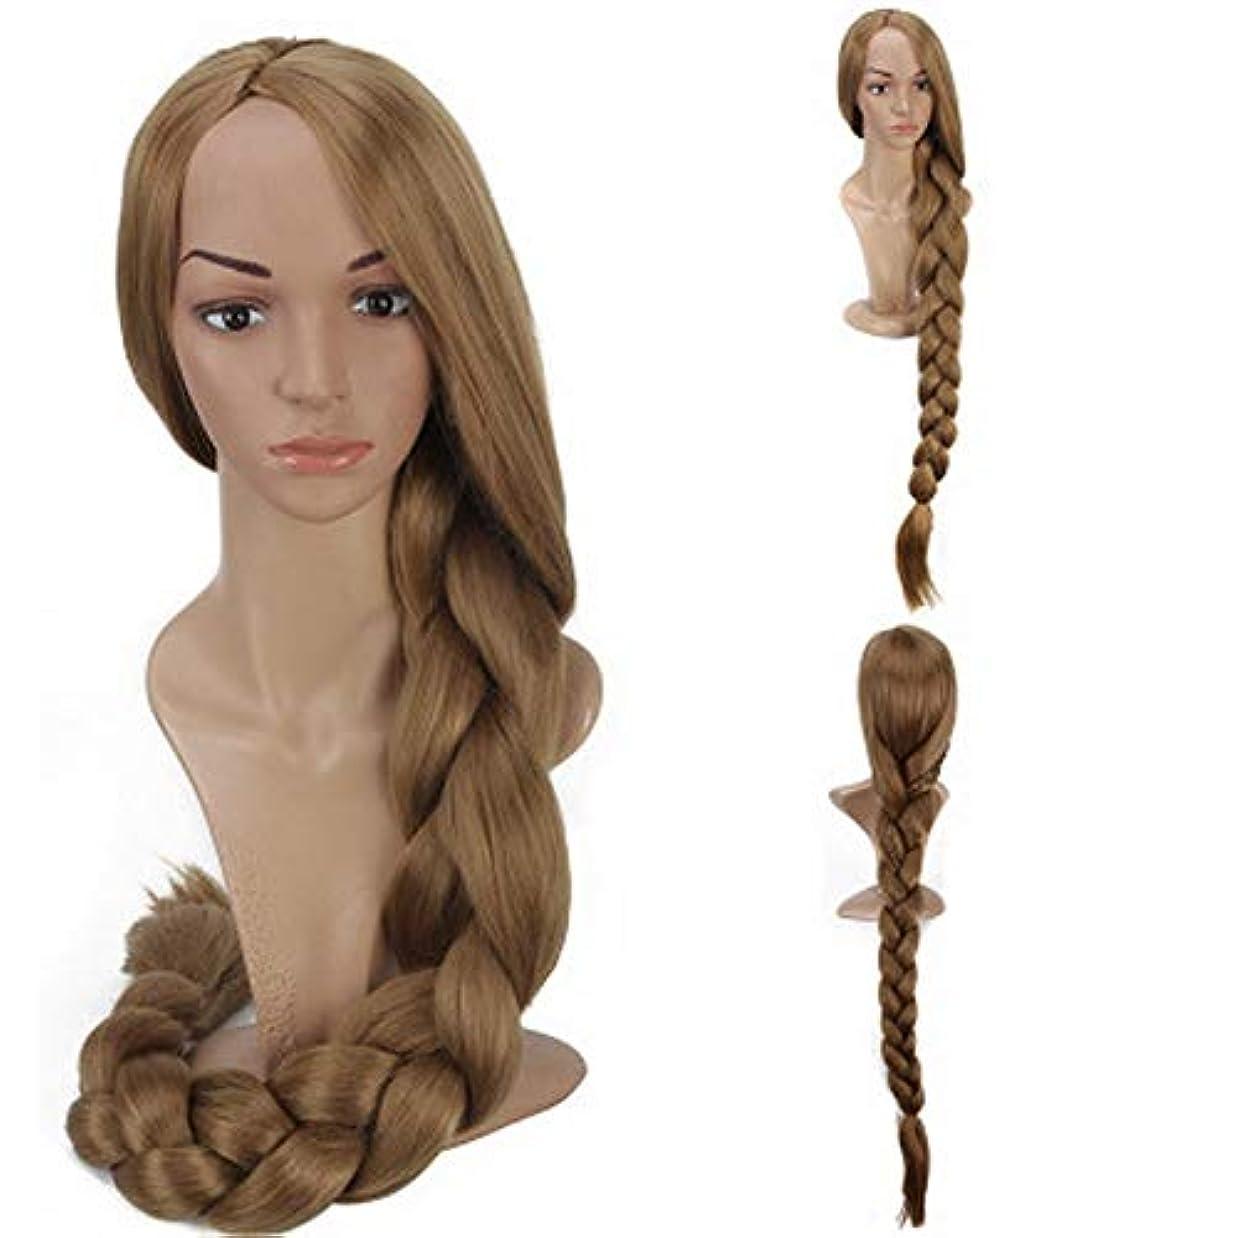 インセンティブ規制するカンガルー女性のための色のかつら長いウェーブのかかった髪、高密度温度合成かつら女性のグルーレスウェーブのかかったコスプレヘアウィッグ、女性のための耐熱繊維の髪のかつら、紫色のウィッグ47インチ